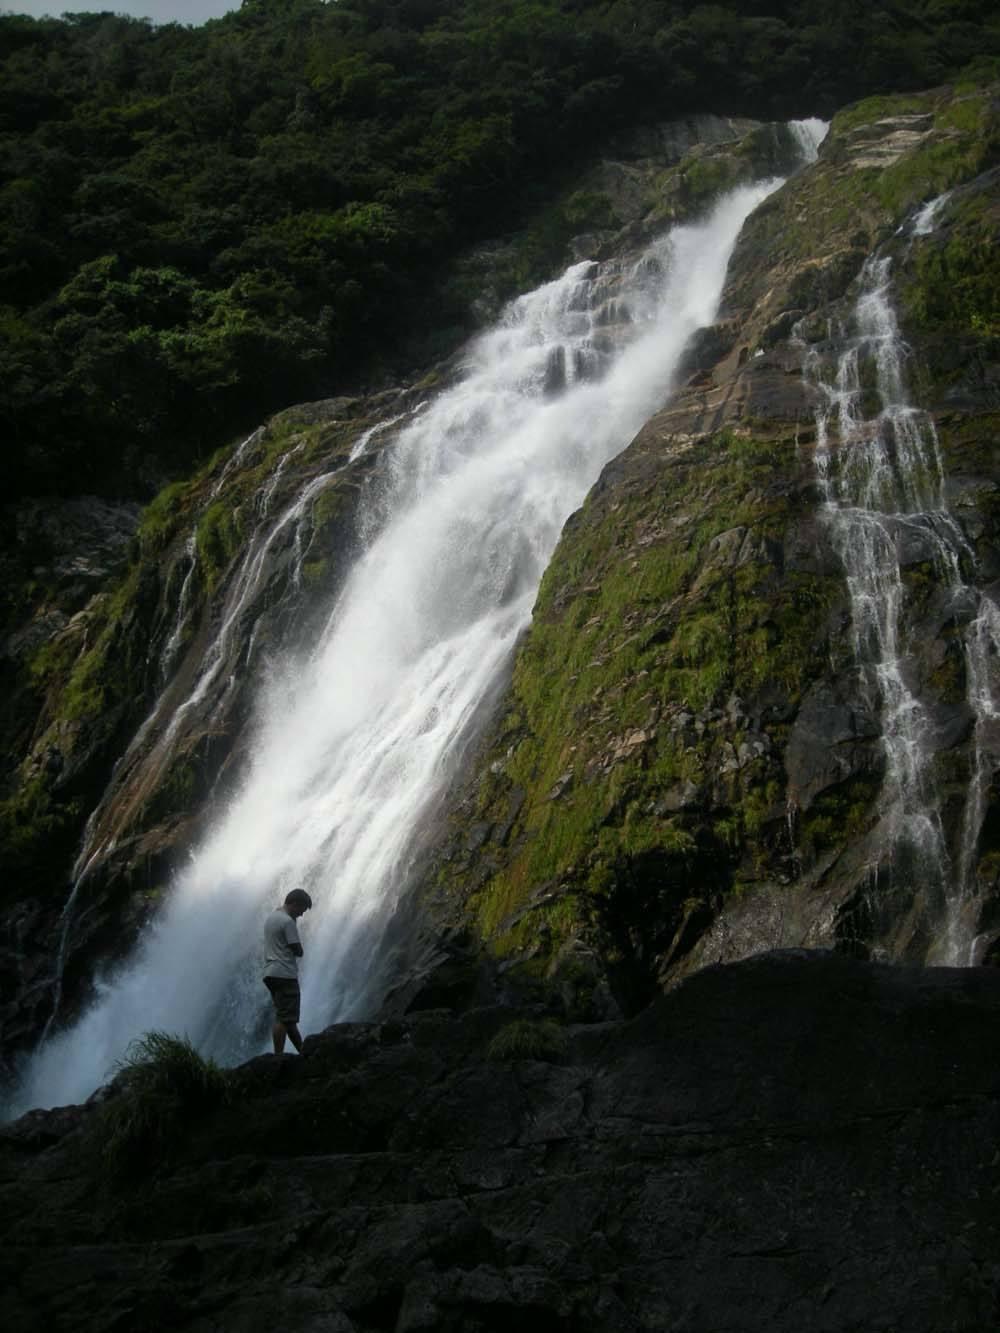 Oko Waterfall